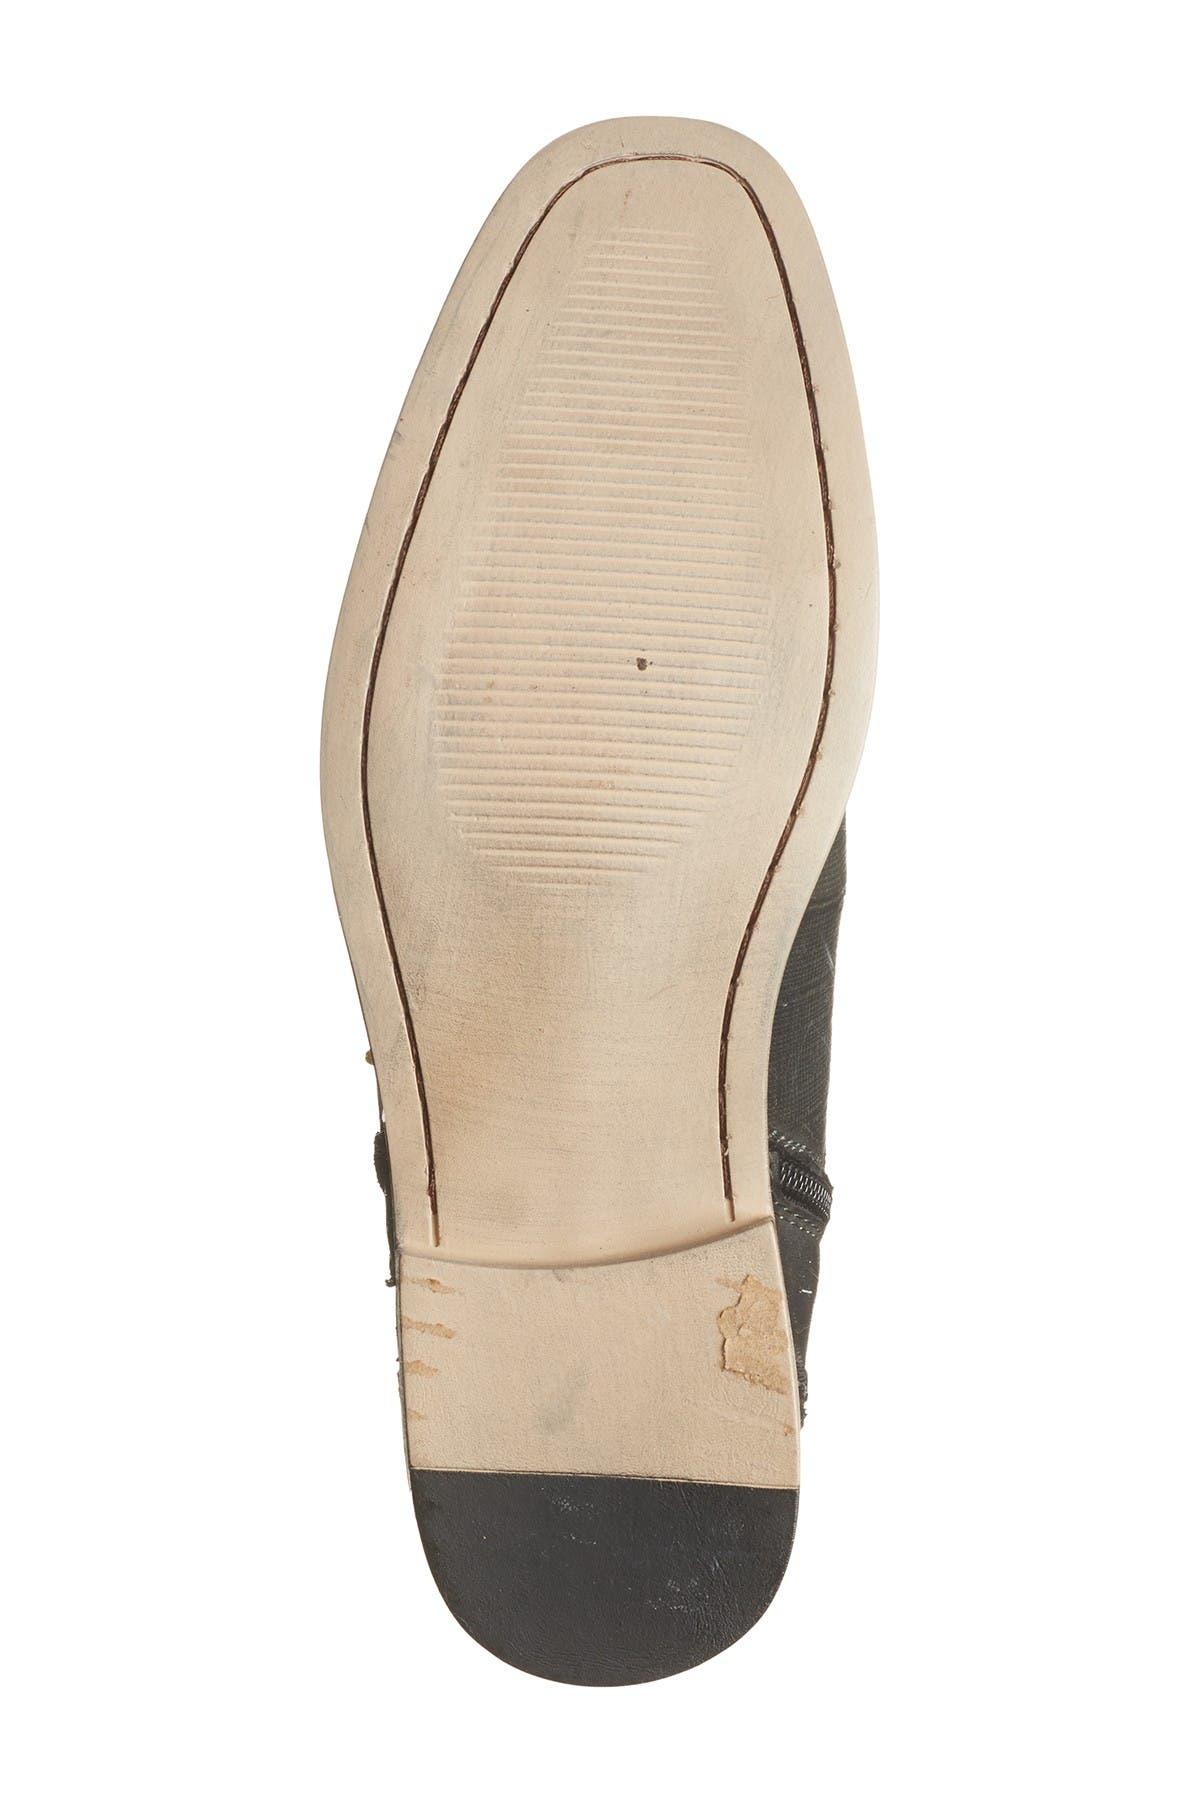 Steve Madden | Kleen Cap Toe Leather